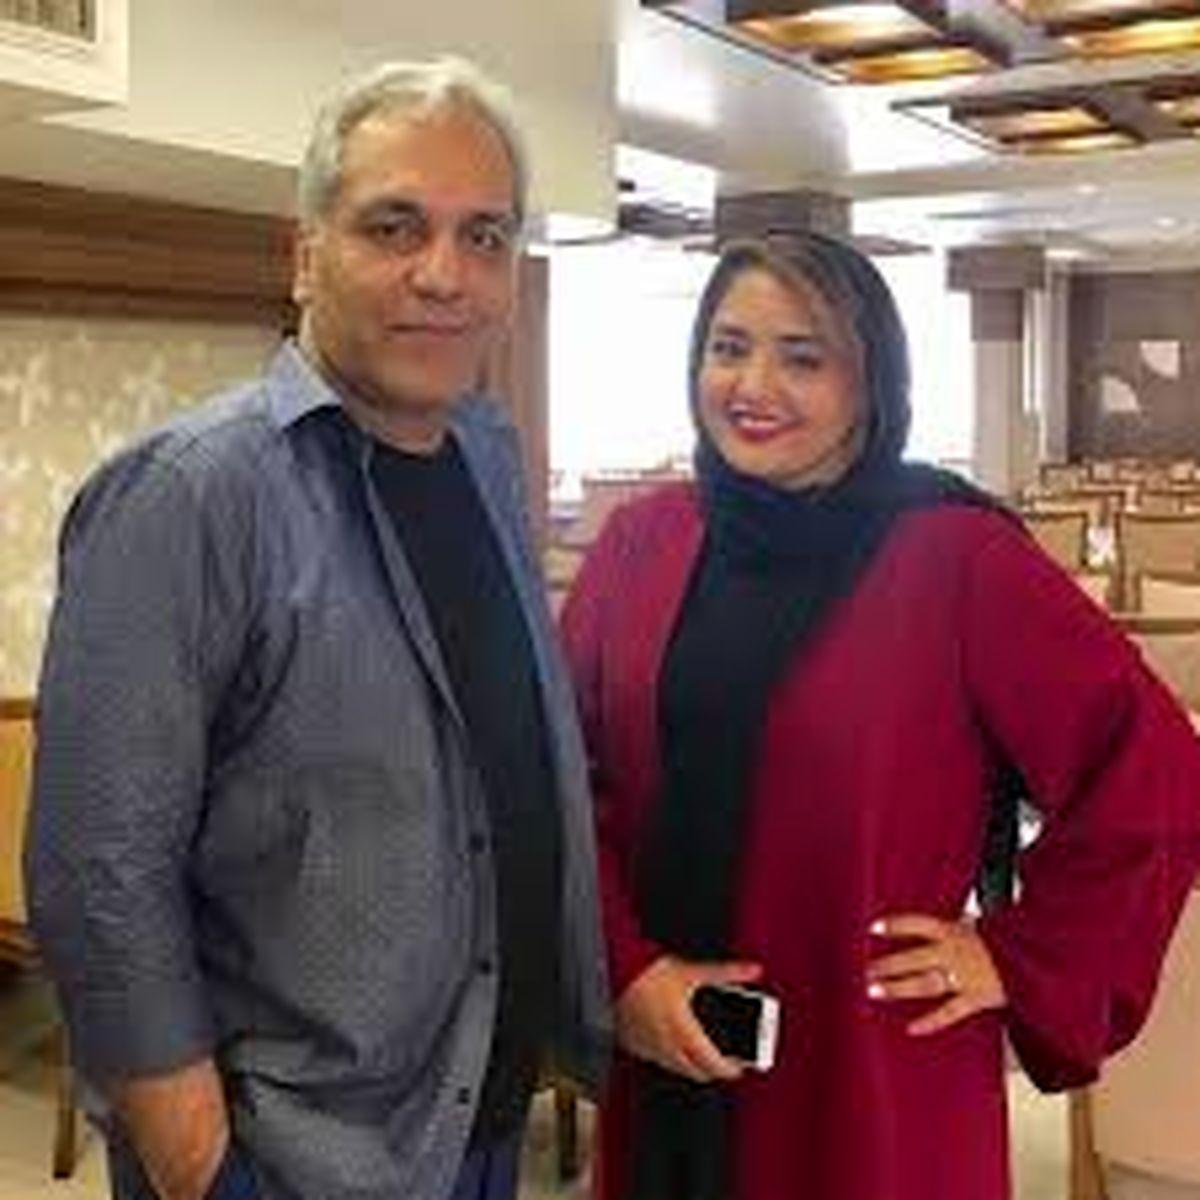 مهران مدیری | سلفی جنجالی شبنم مقدمی بغل مهران مدیری + عکس